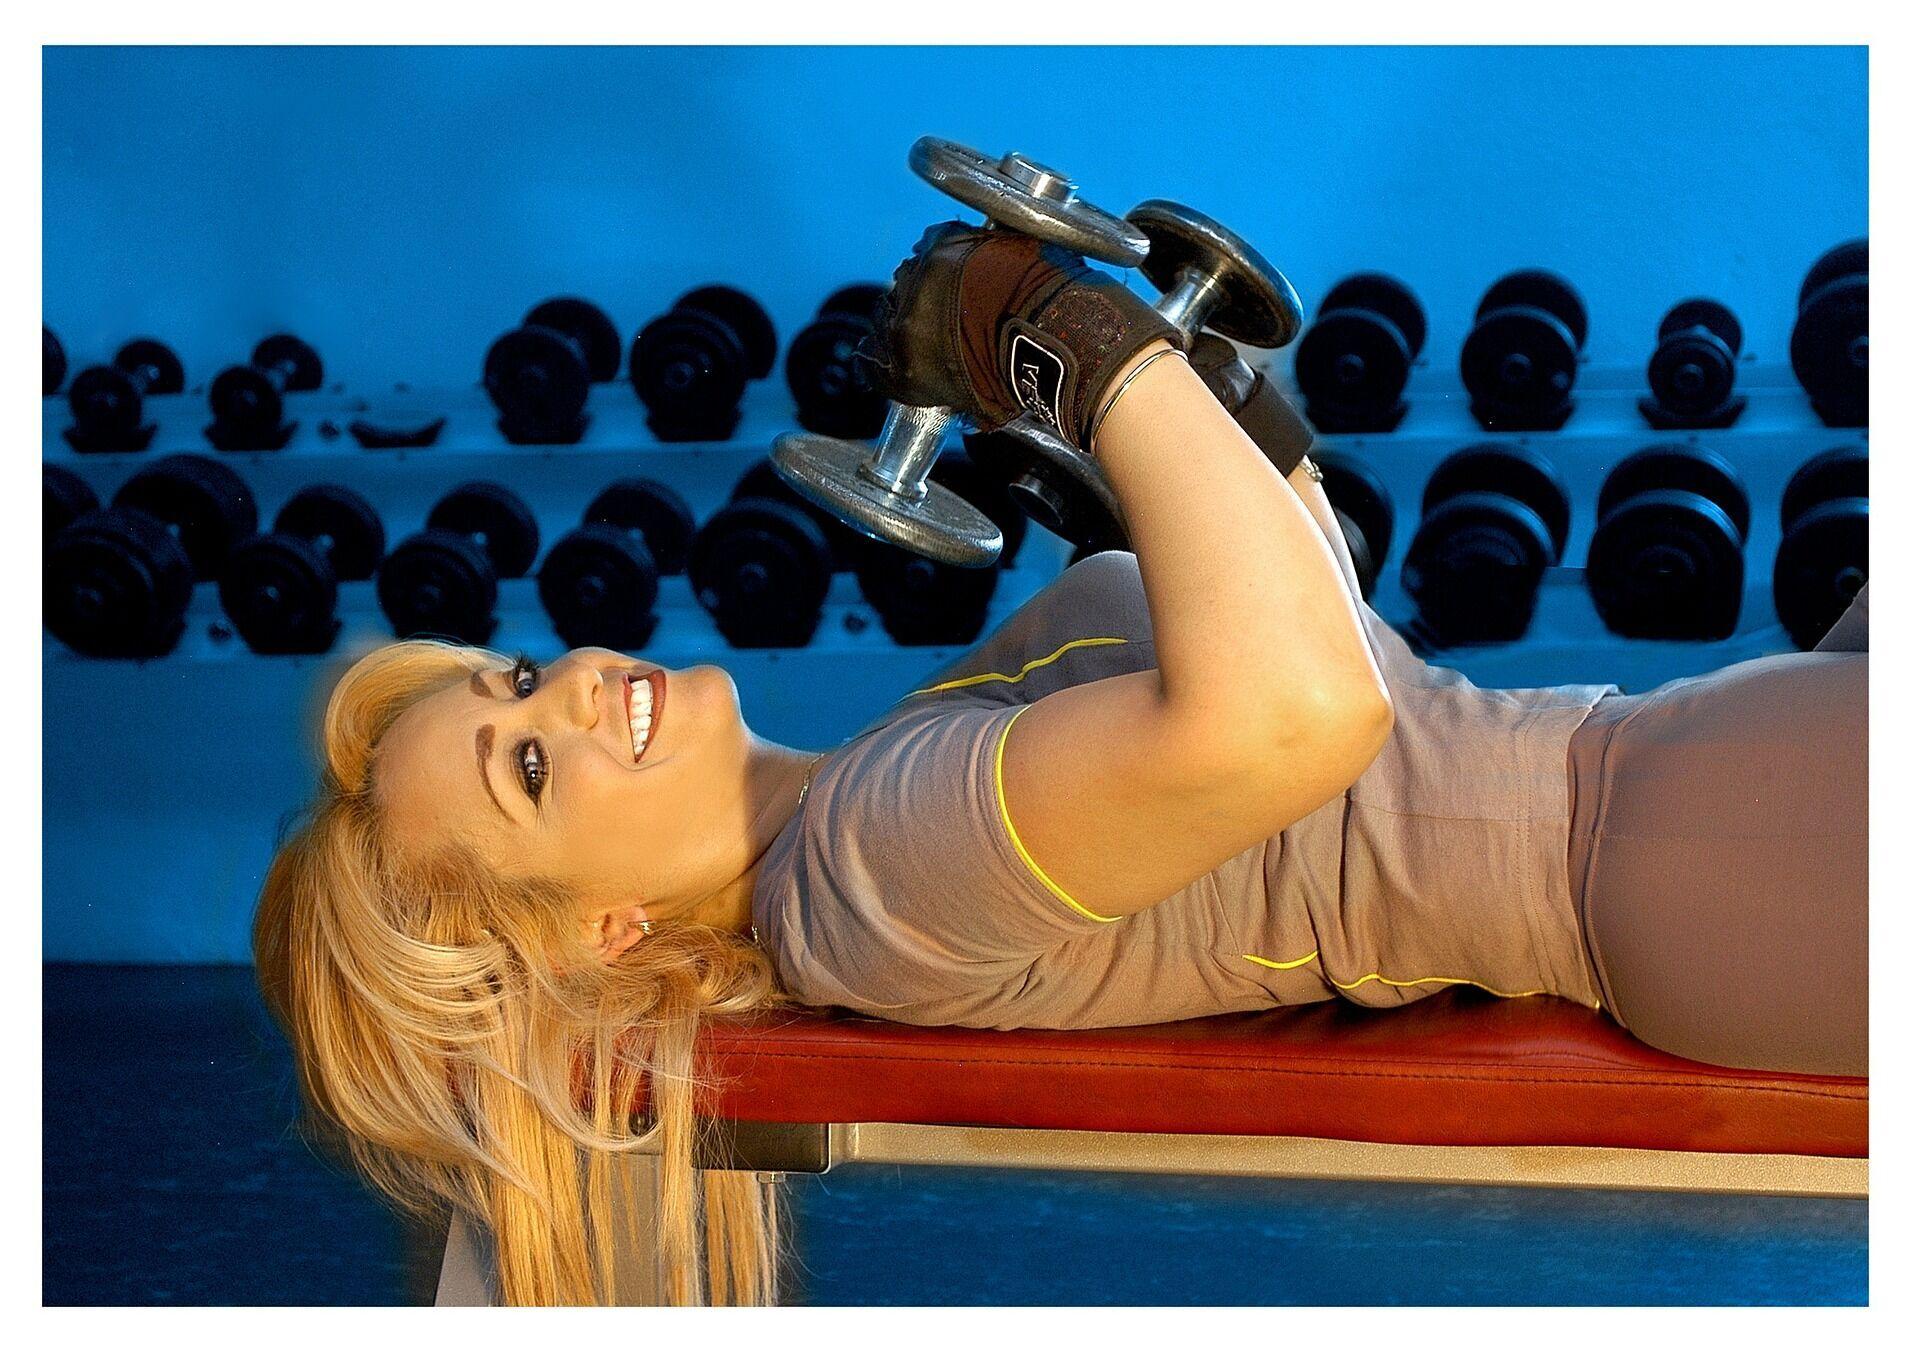 Жим гантелей лежачи можна виконувати на килимку або на гімнастичній лаві